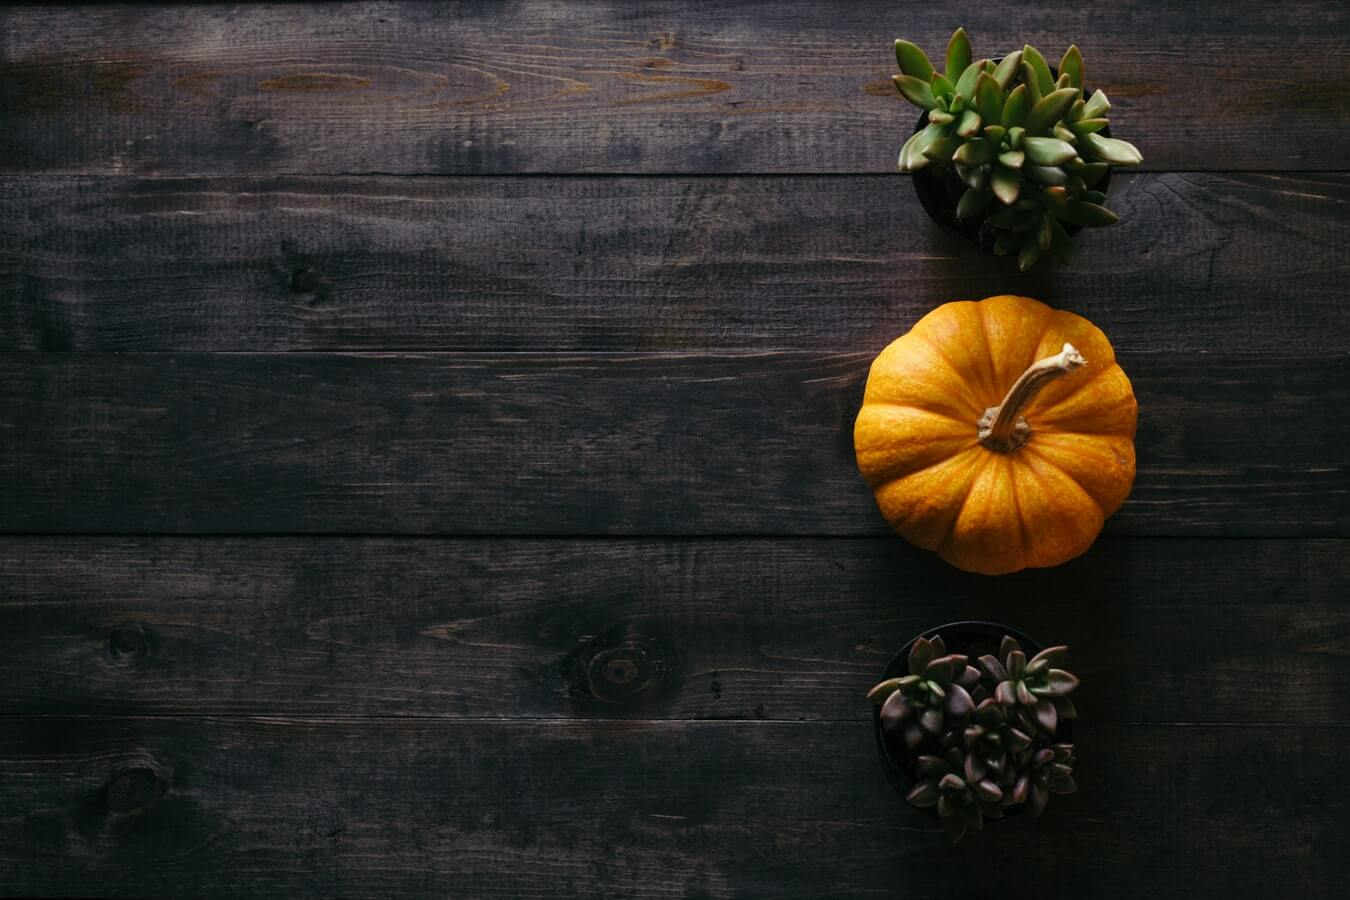 OBI & OTRADI October 2018 Newsletter